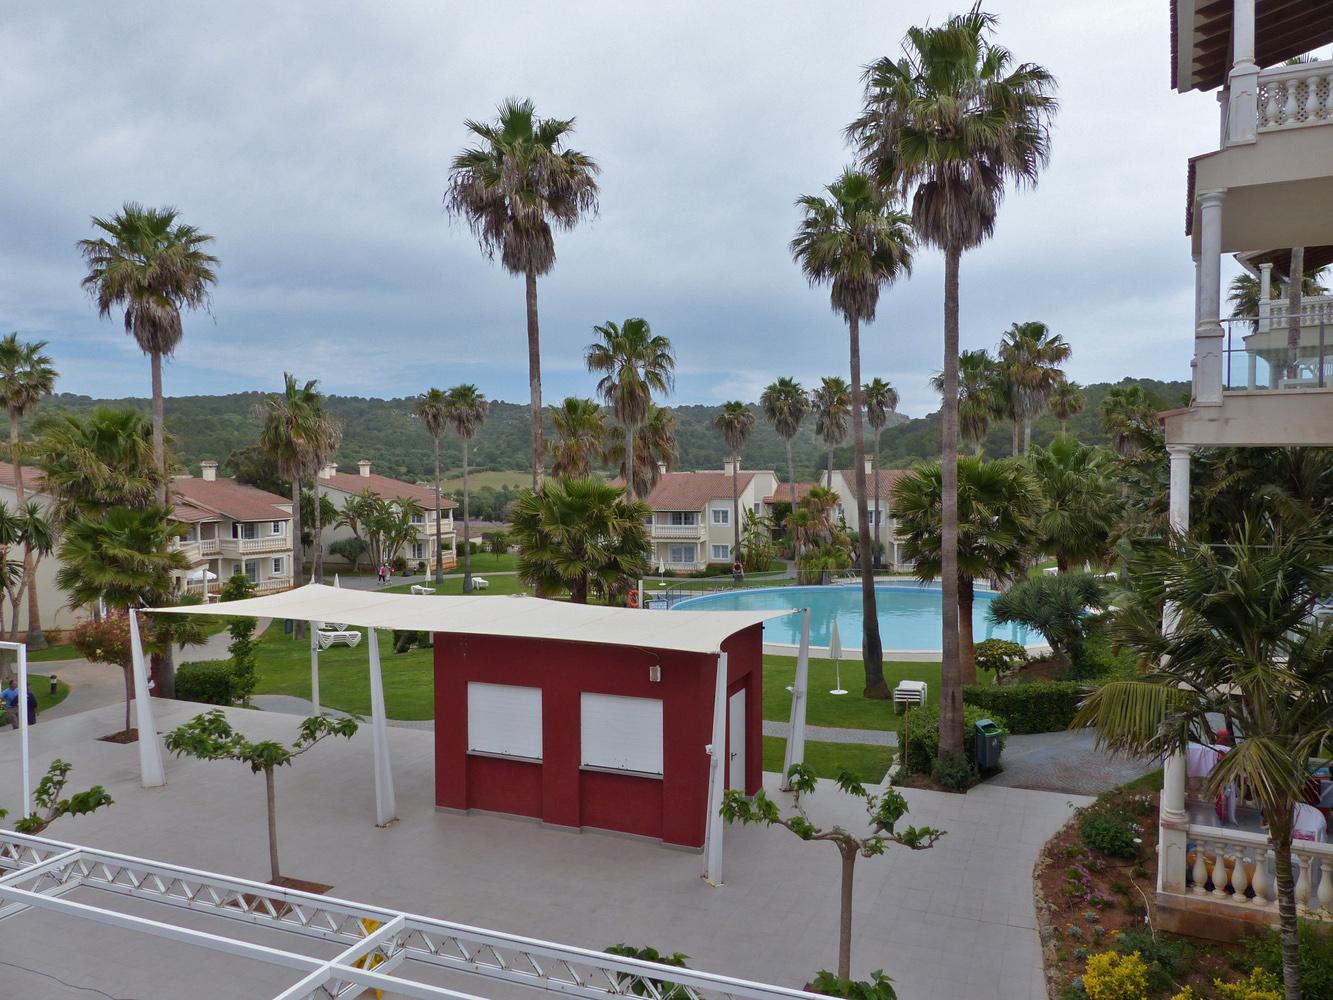 Son bou jardin de menorca hotel 20170512 101652 12 rolf maltas website - Jardin de menorca ...